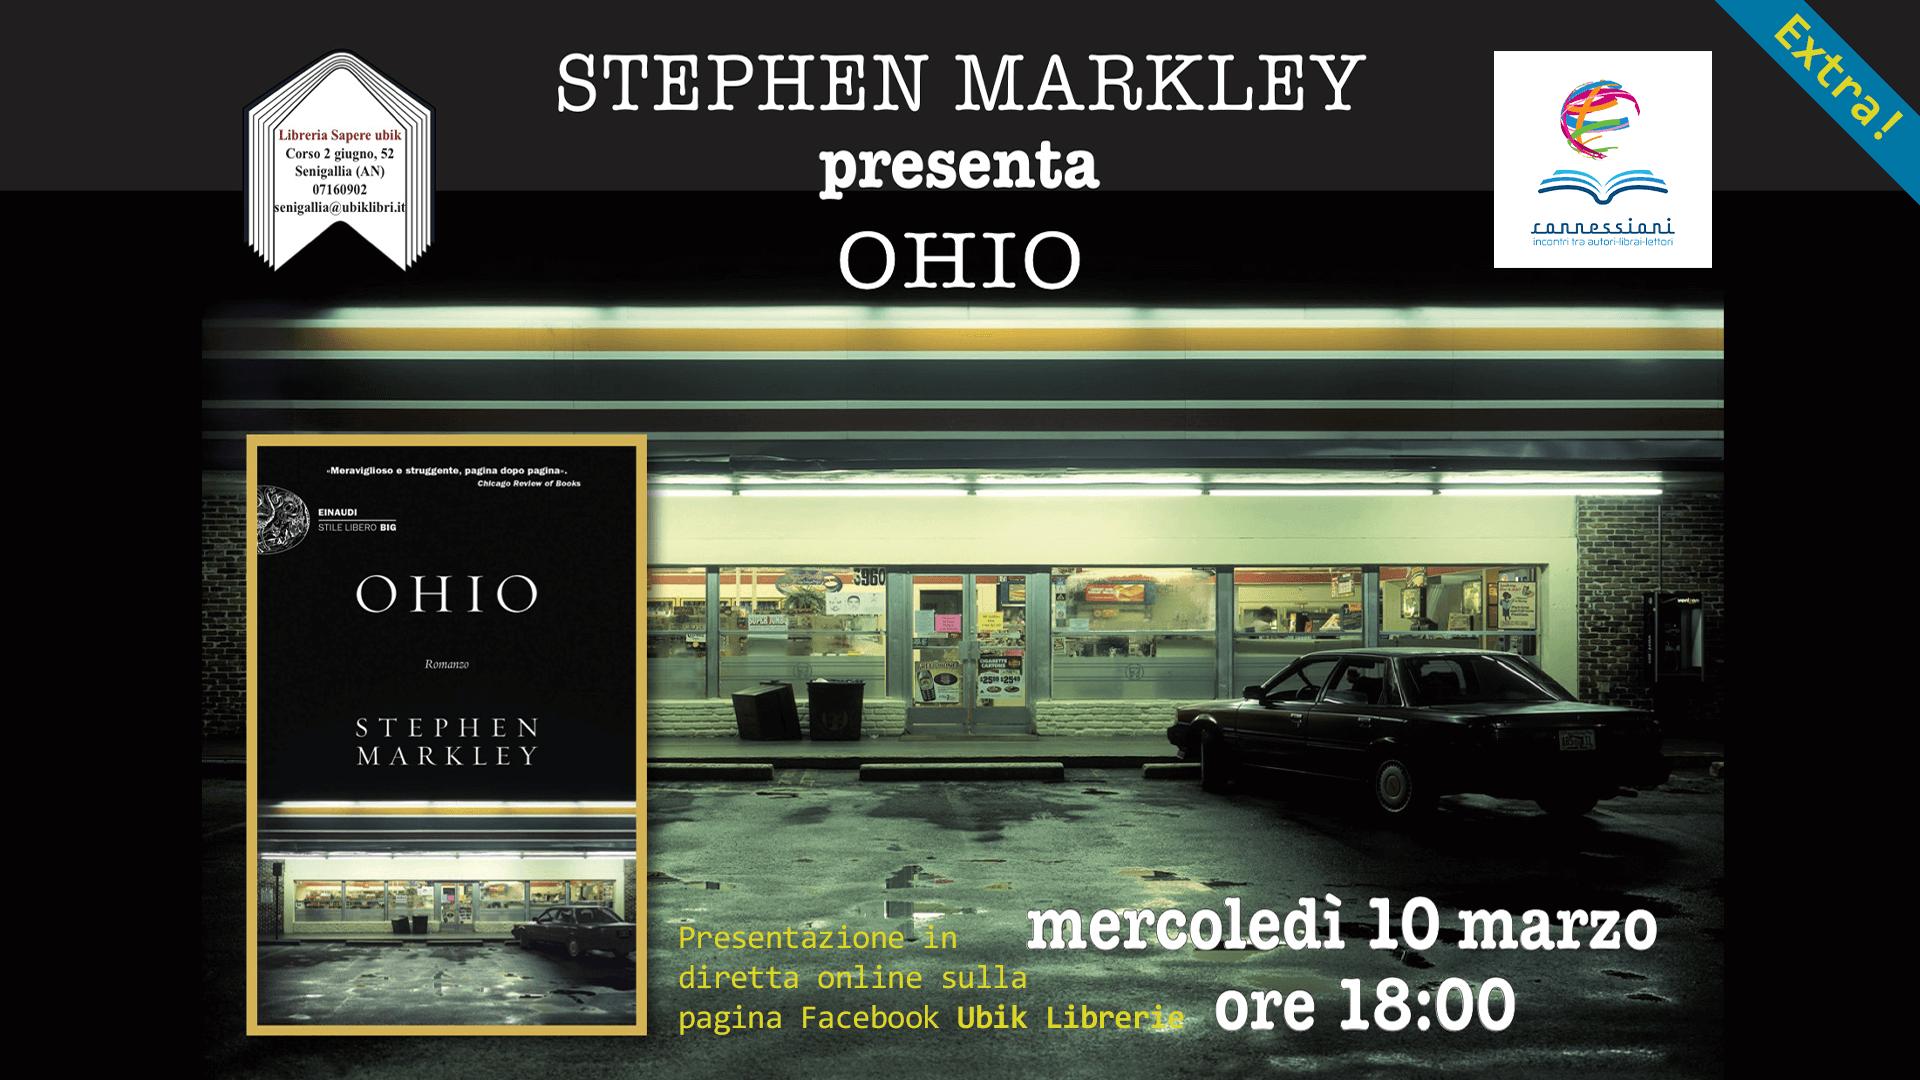 STEPHEN MARKLEY presenta in diretta online